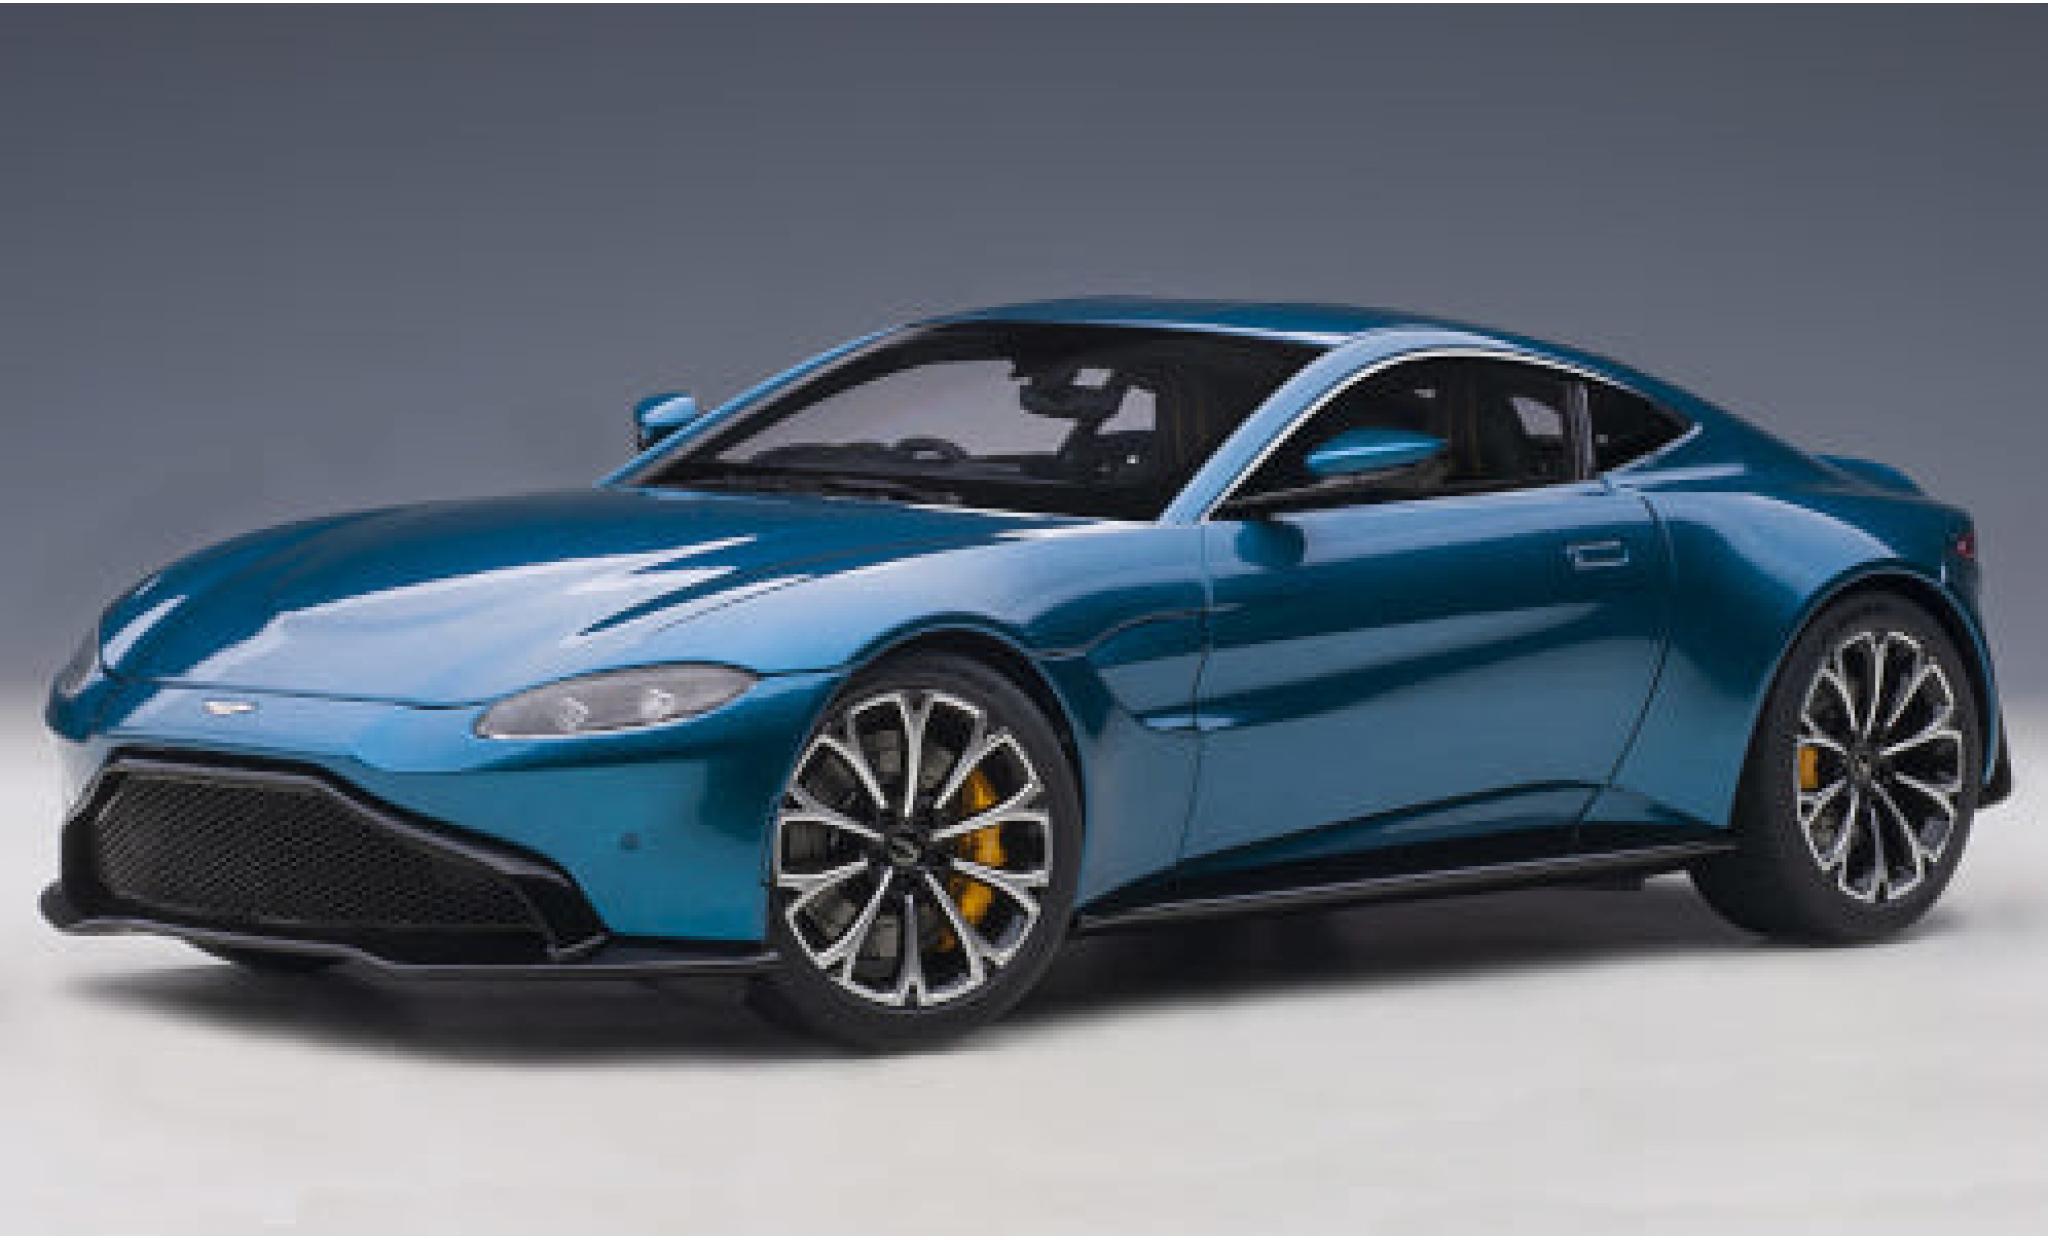 Aston Martin Vantage 1/18 AUTOart metallise bleue RHD 2019